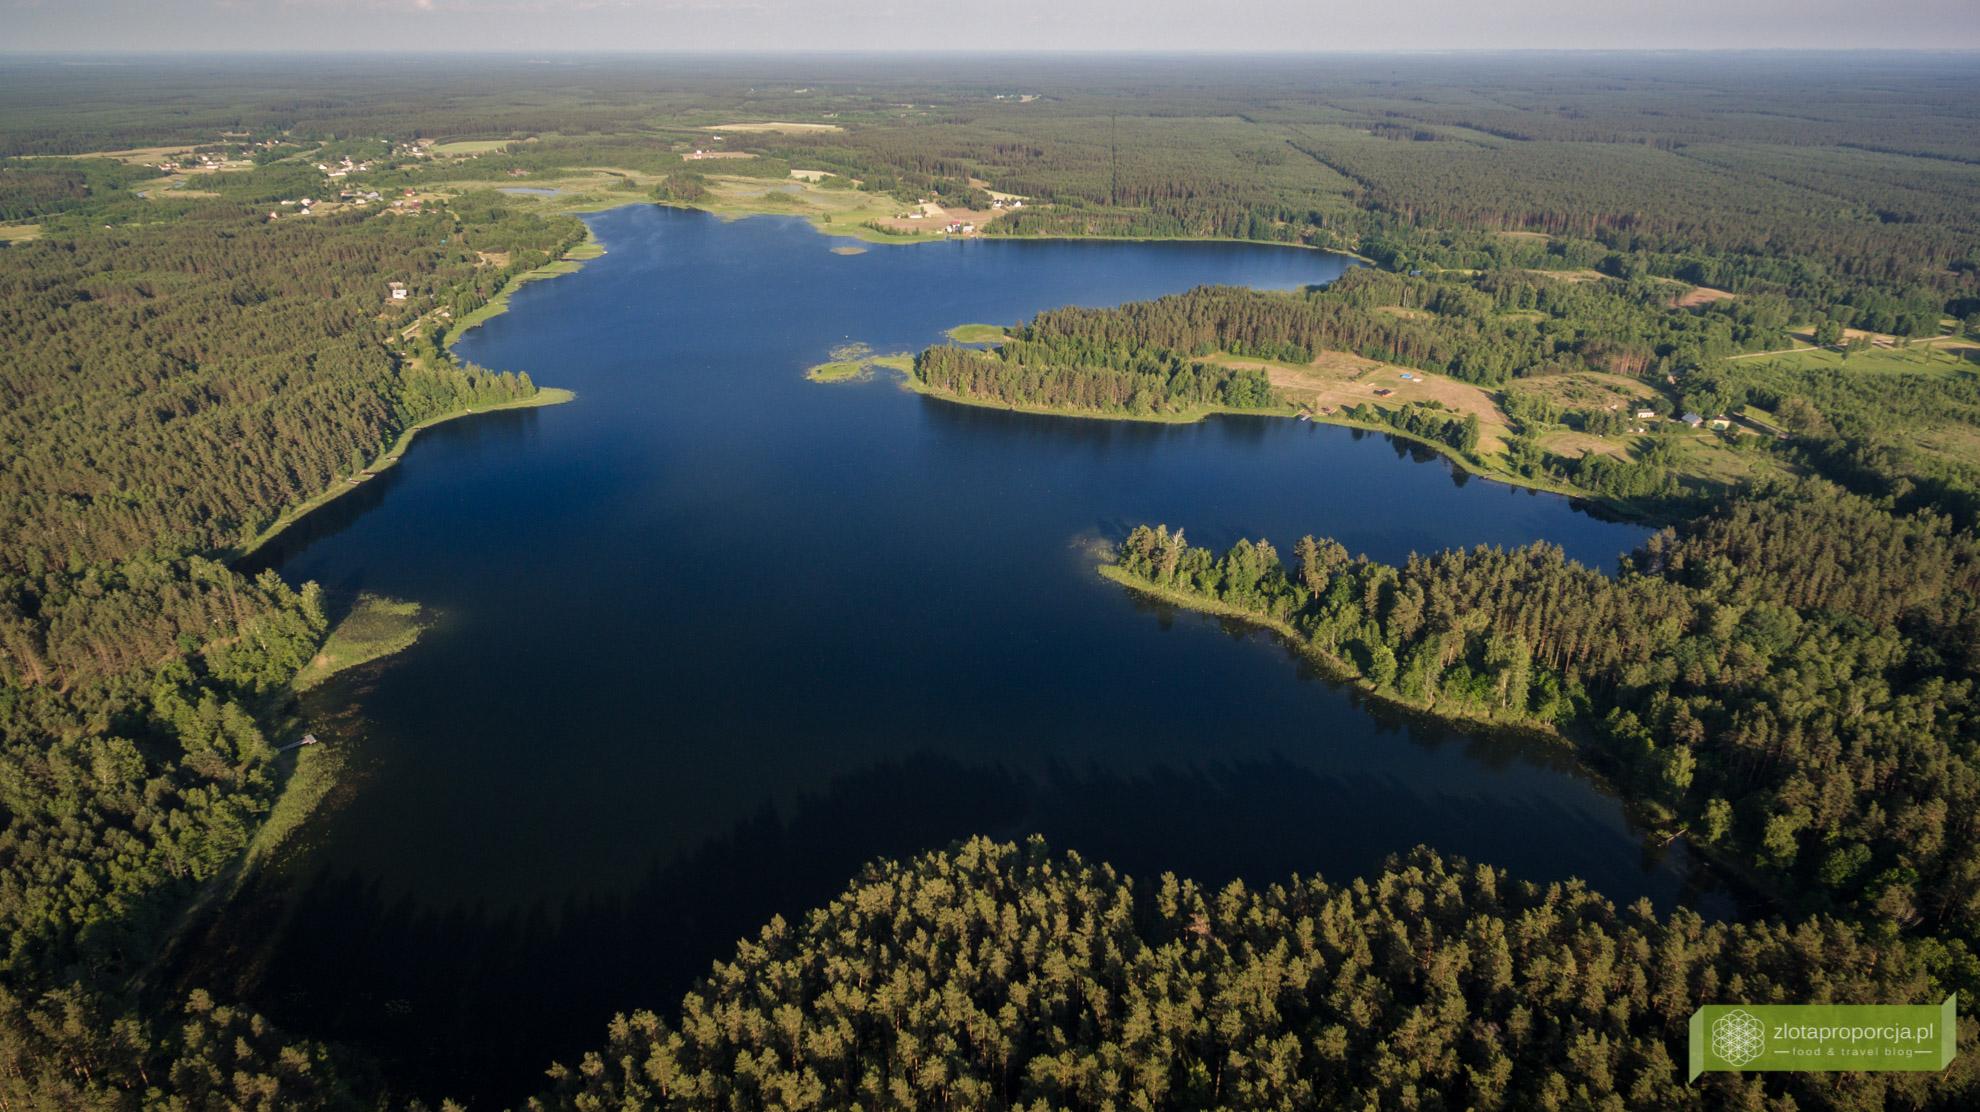 Jezioro Zelwa, Suwalszczyzna, atrakcje Suwalszczyny, Suwalszczyzna z drona, Podlasie